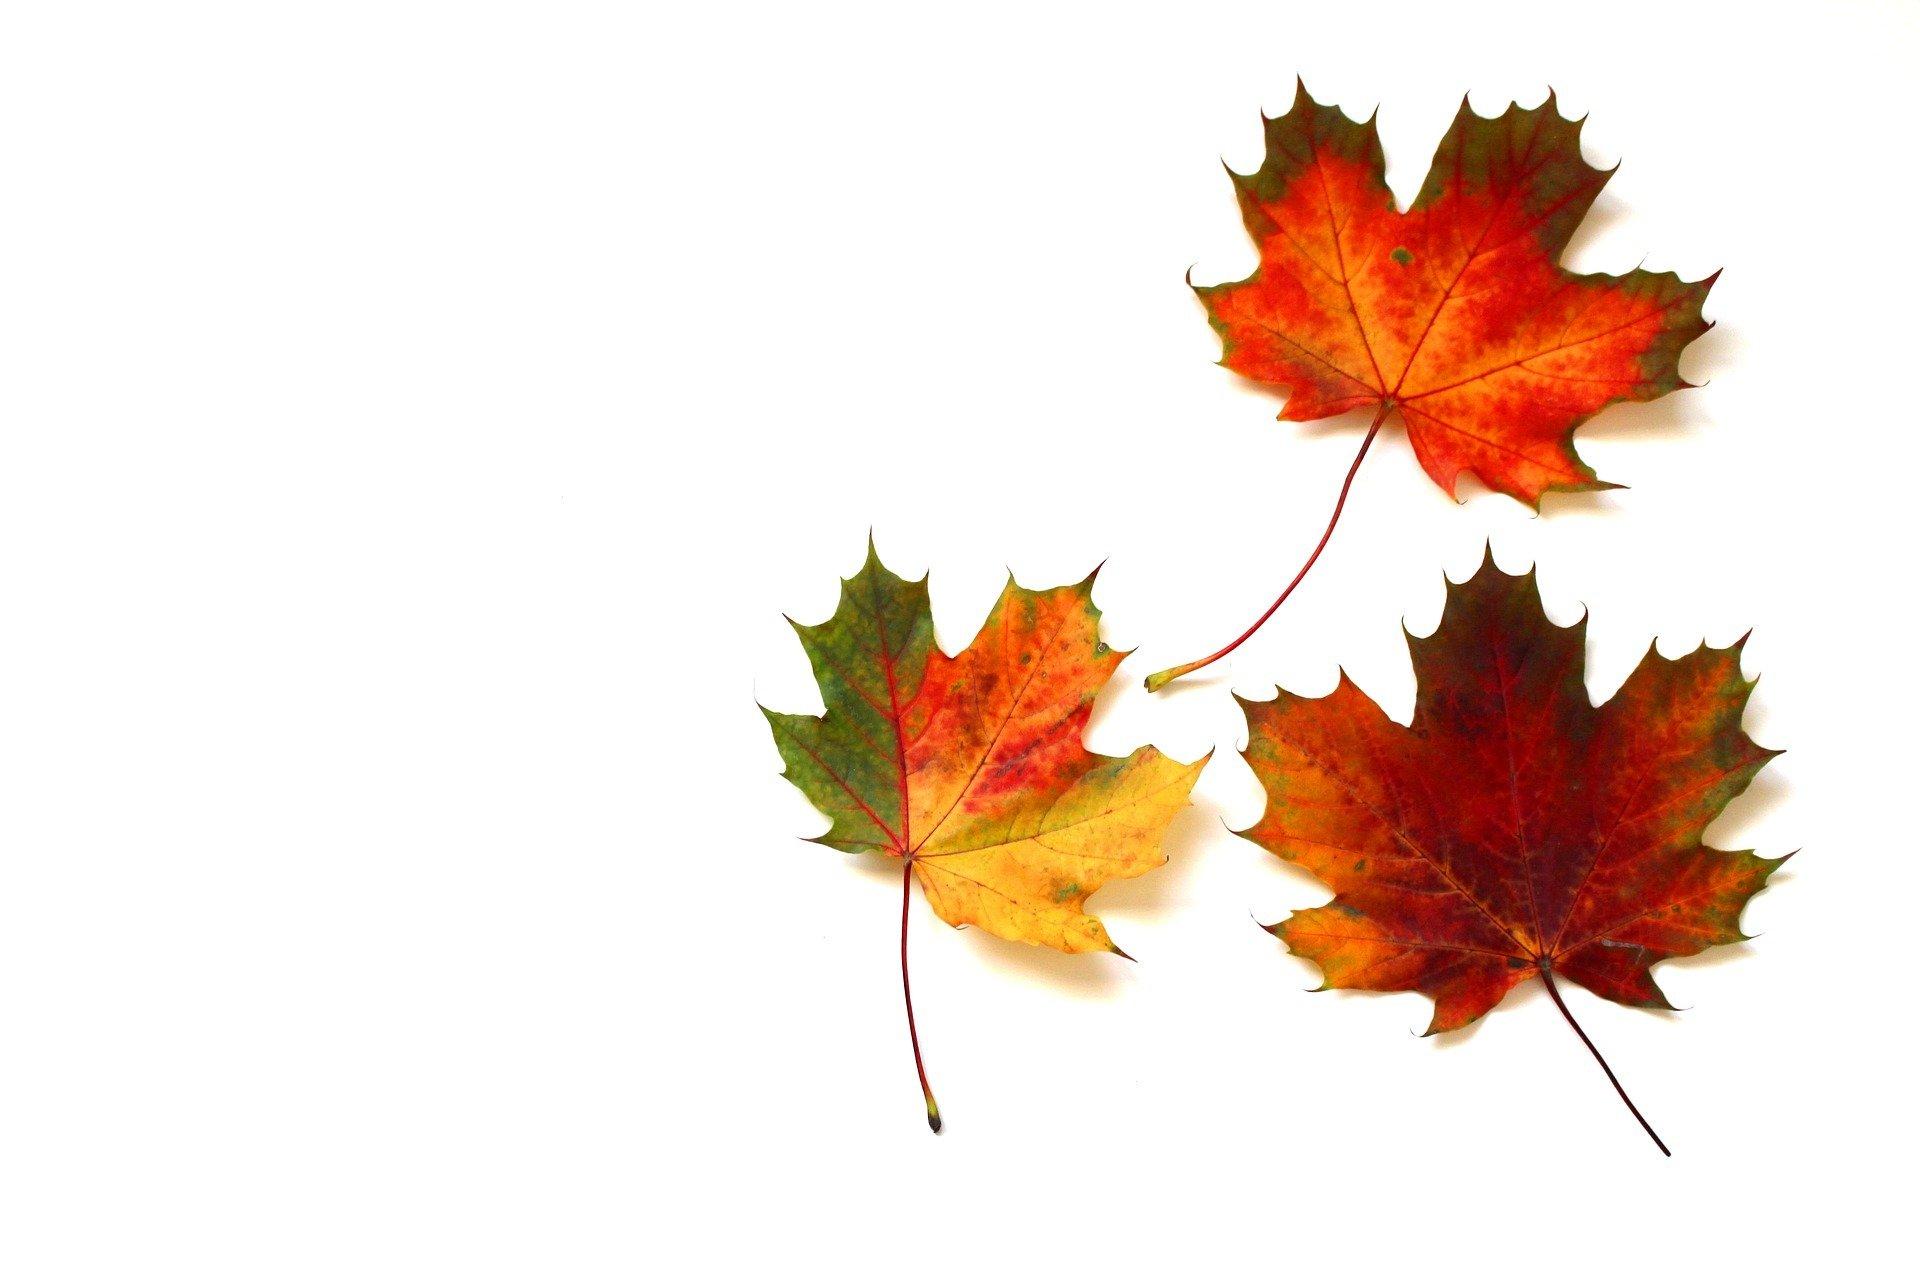 Kolorowe Listki Jesienna Piosenka Dla Dzieci Tekst I